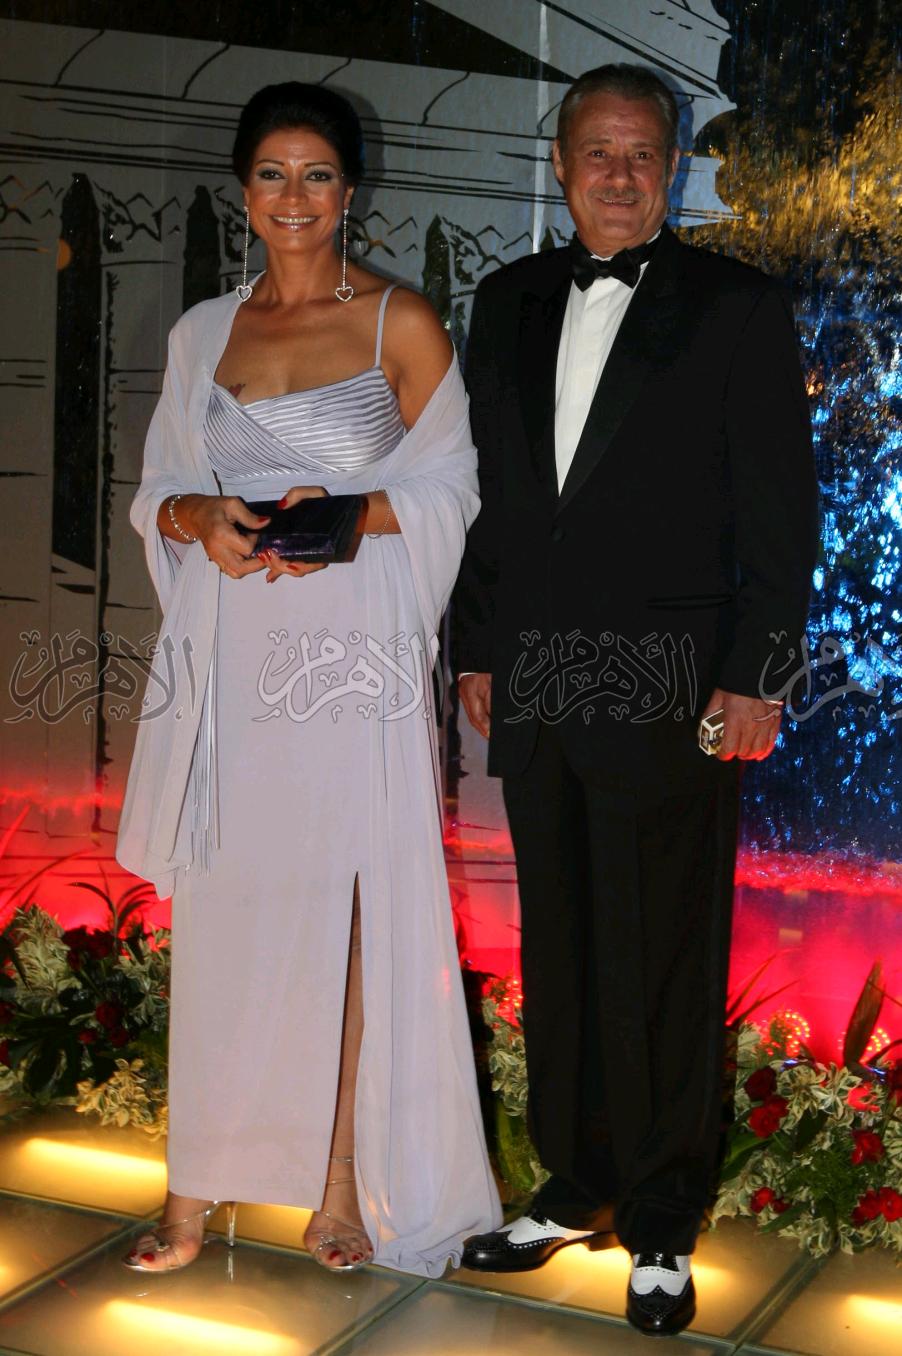 فاروق الفيشاوى مع سوسن بدر فى مهرجان دمشق السينمائى .